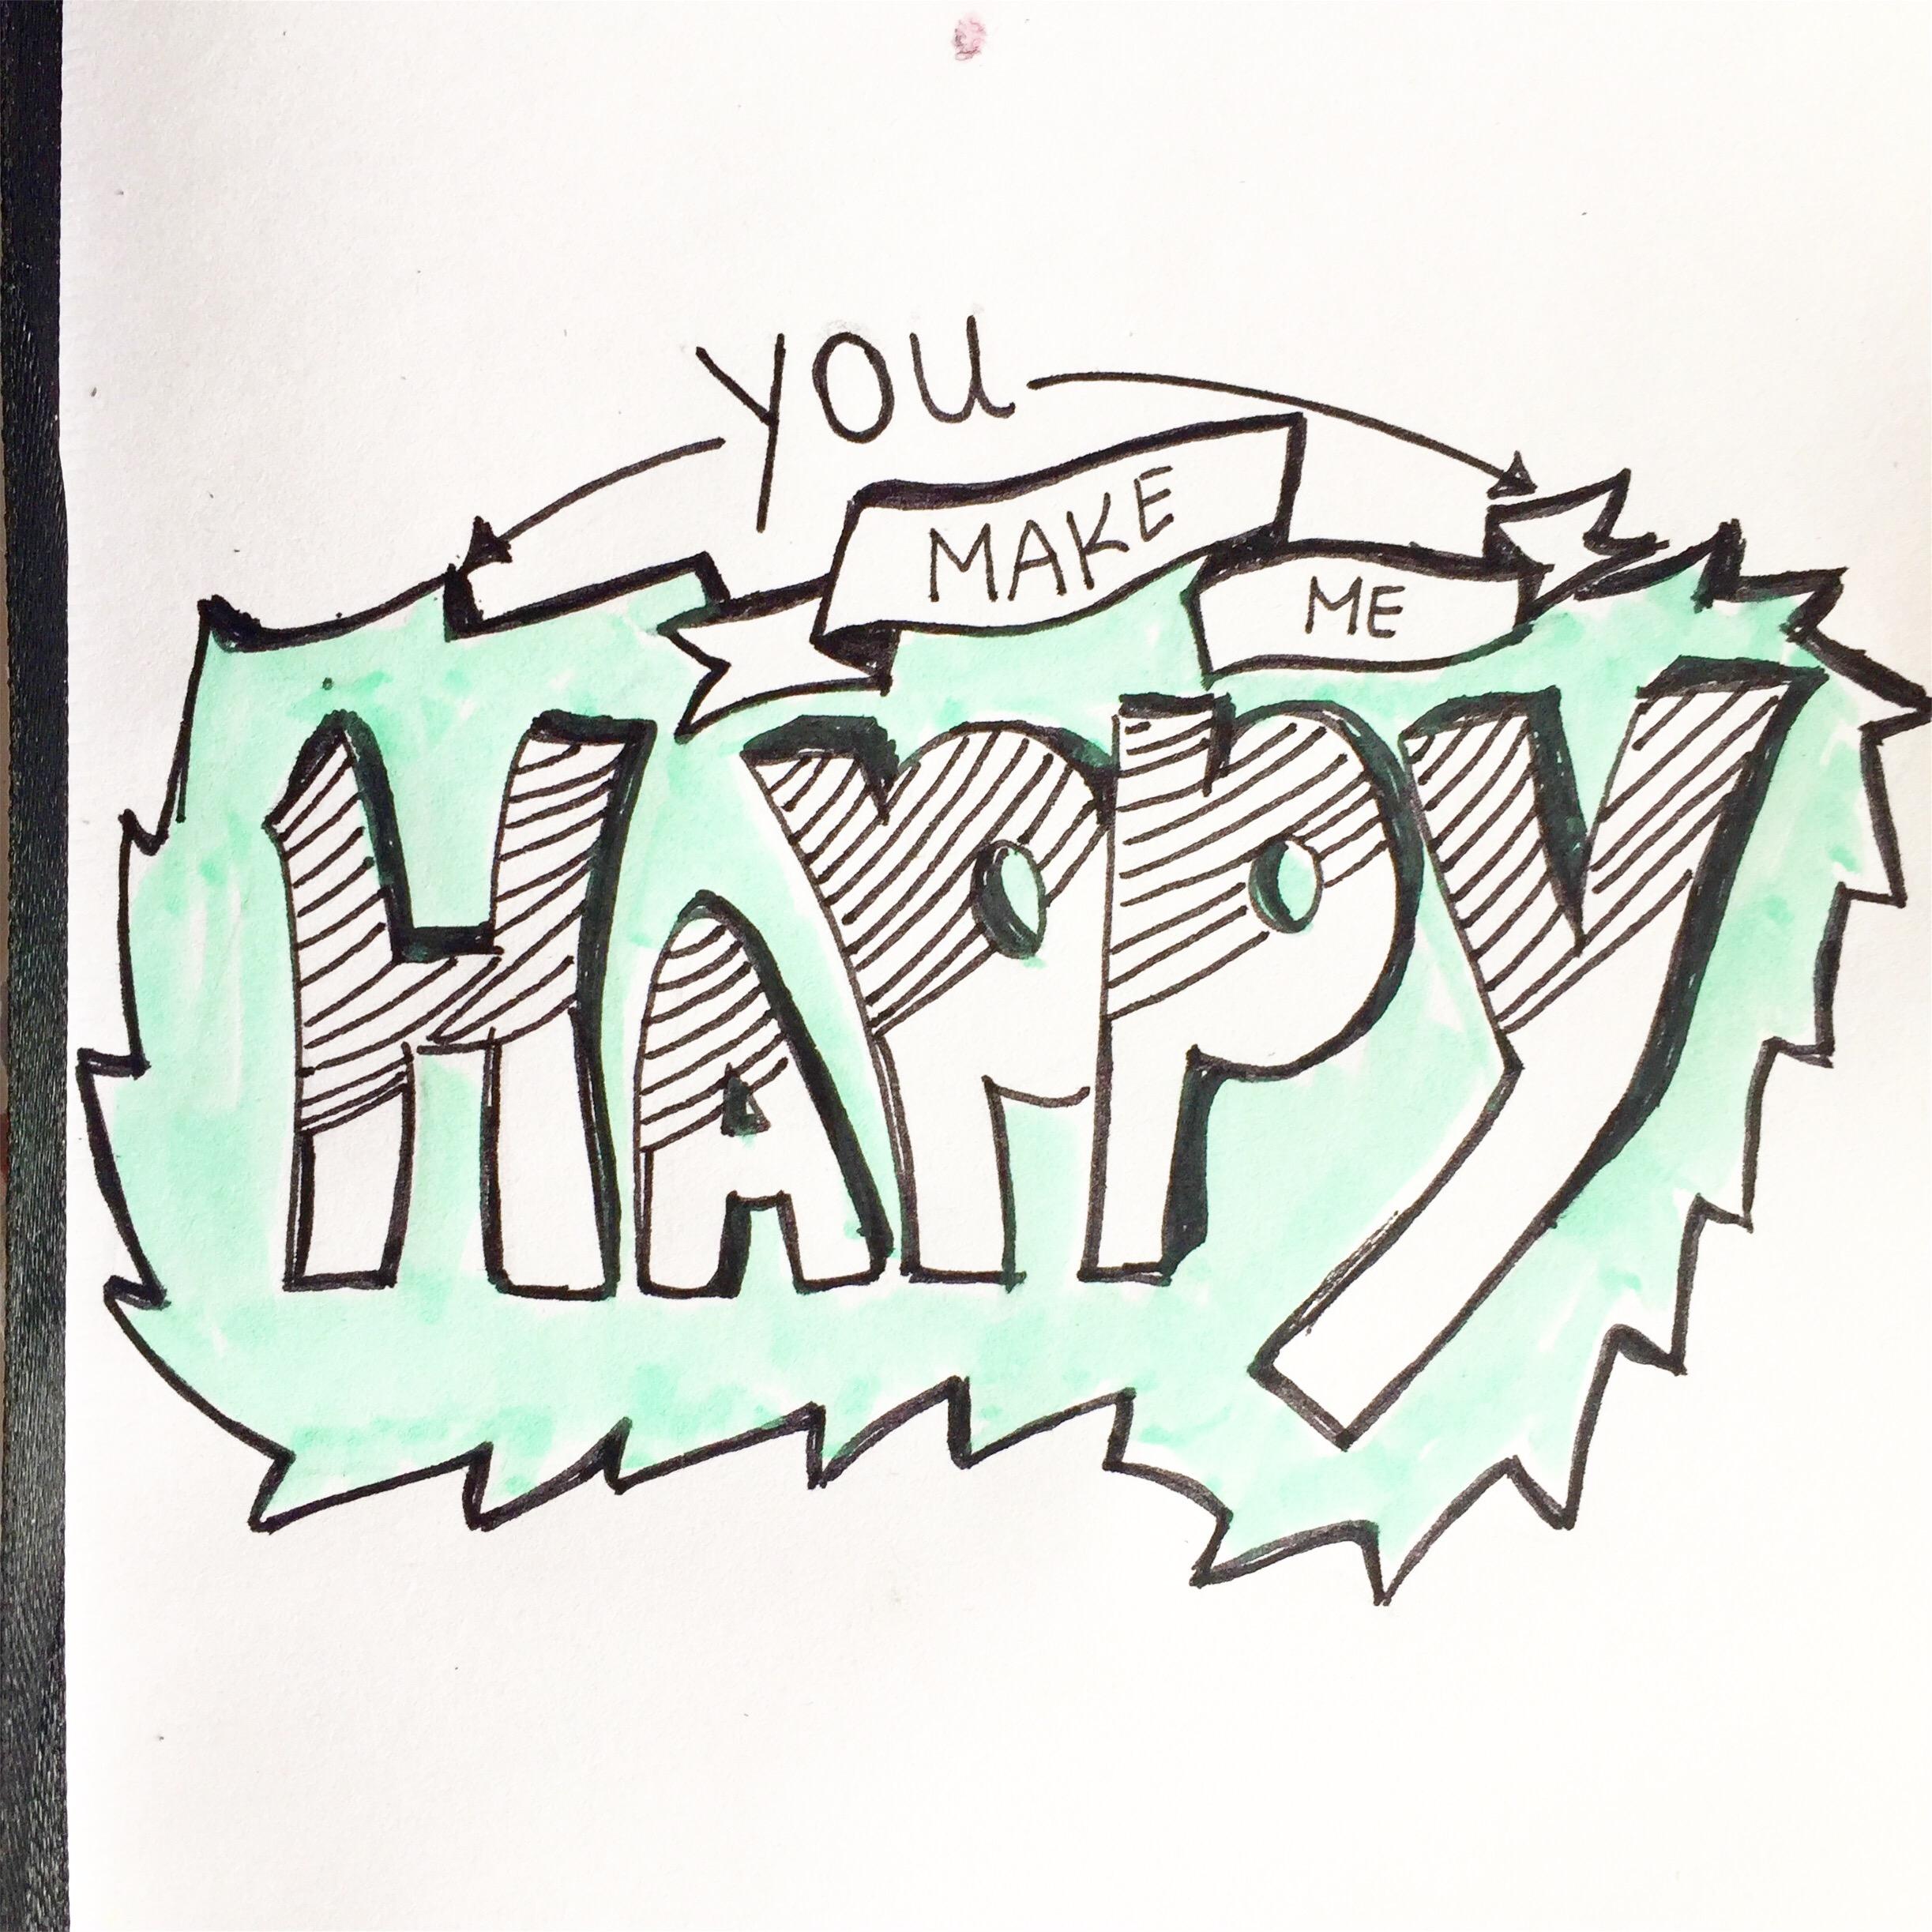 You make me happy! Ik word helemaal happy van deze groene kleur!